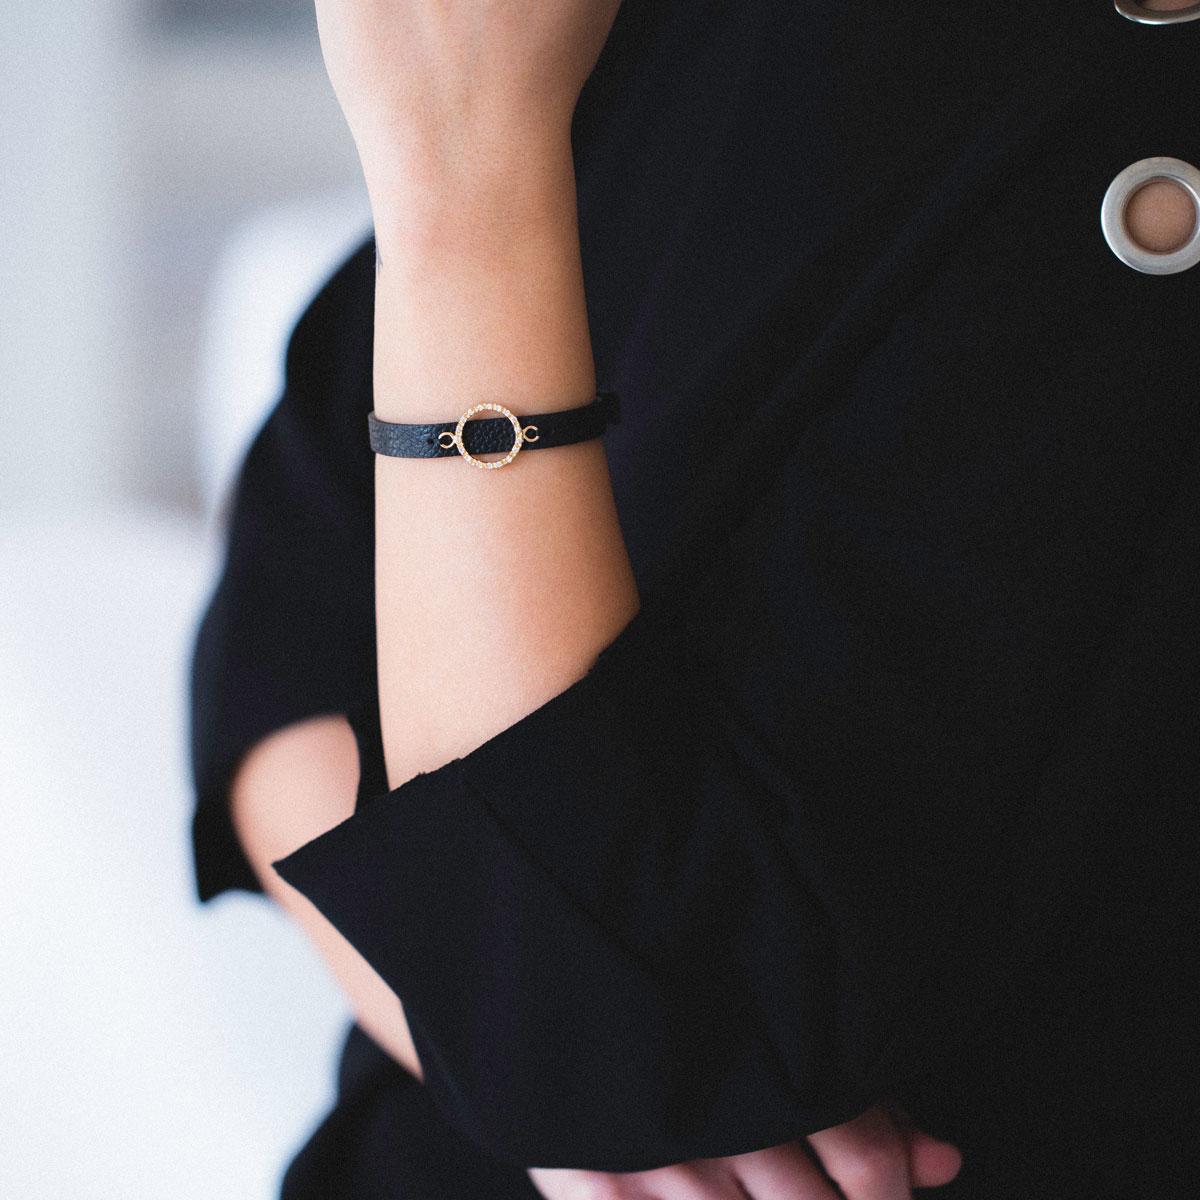 دستبند طلا دایره بزرگ ۲